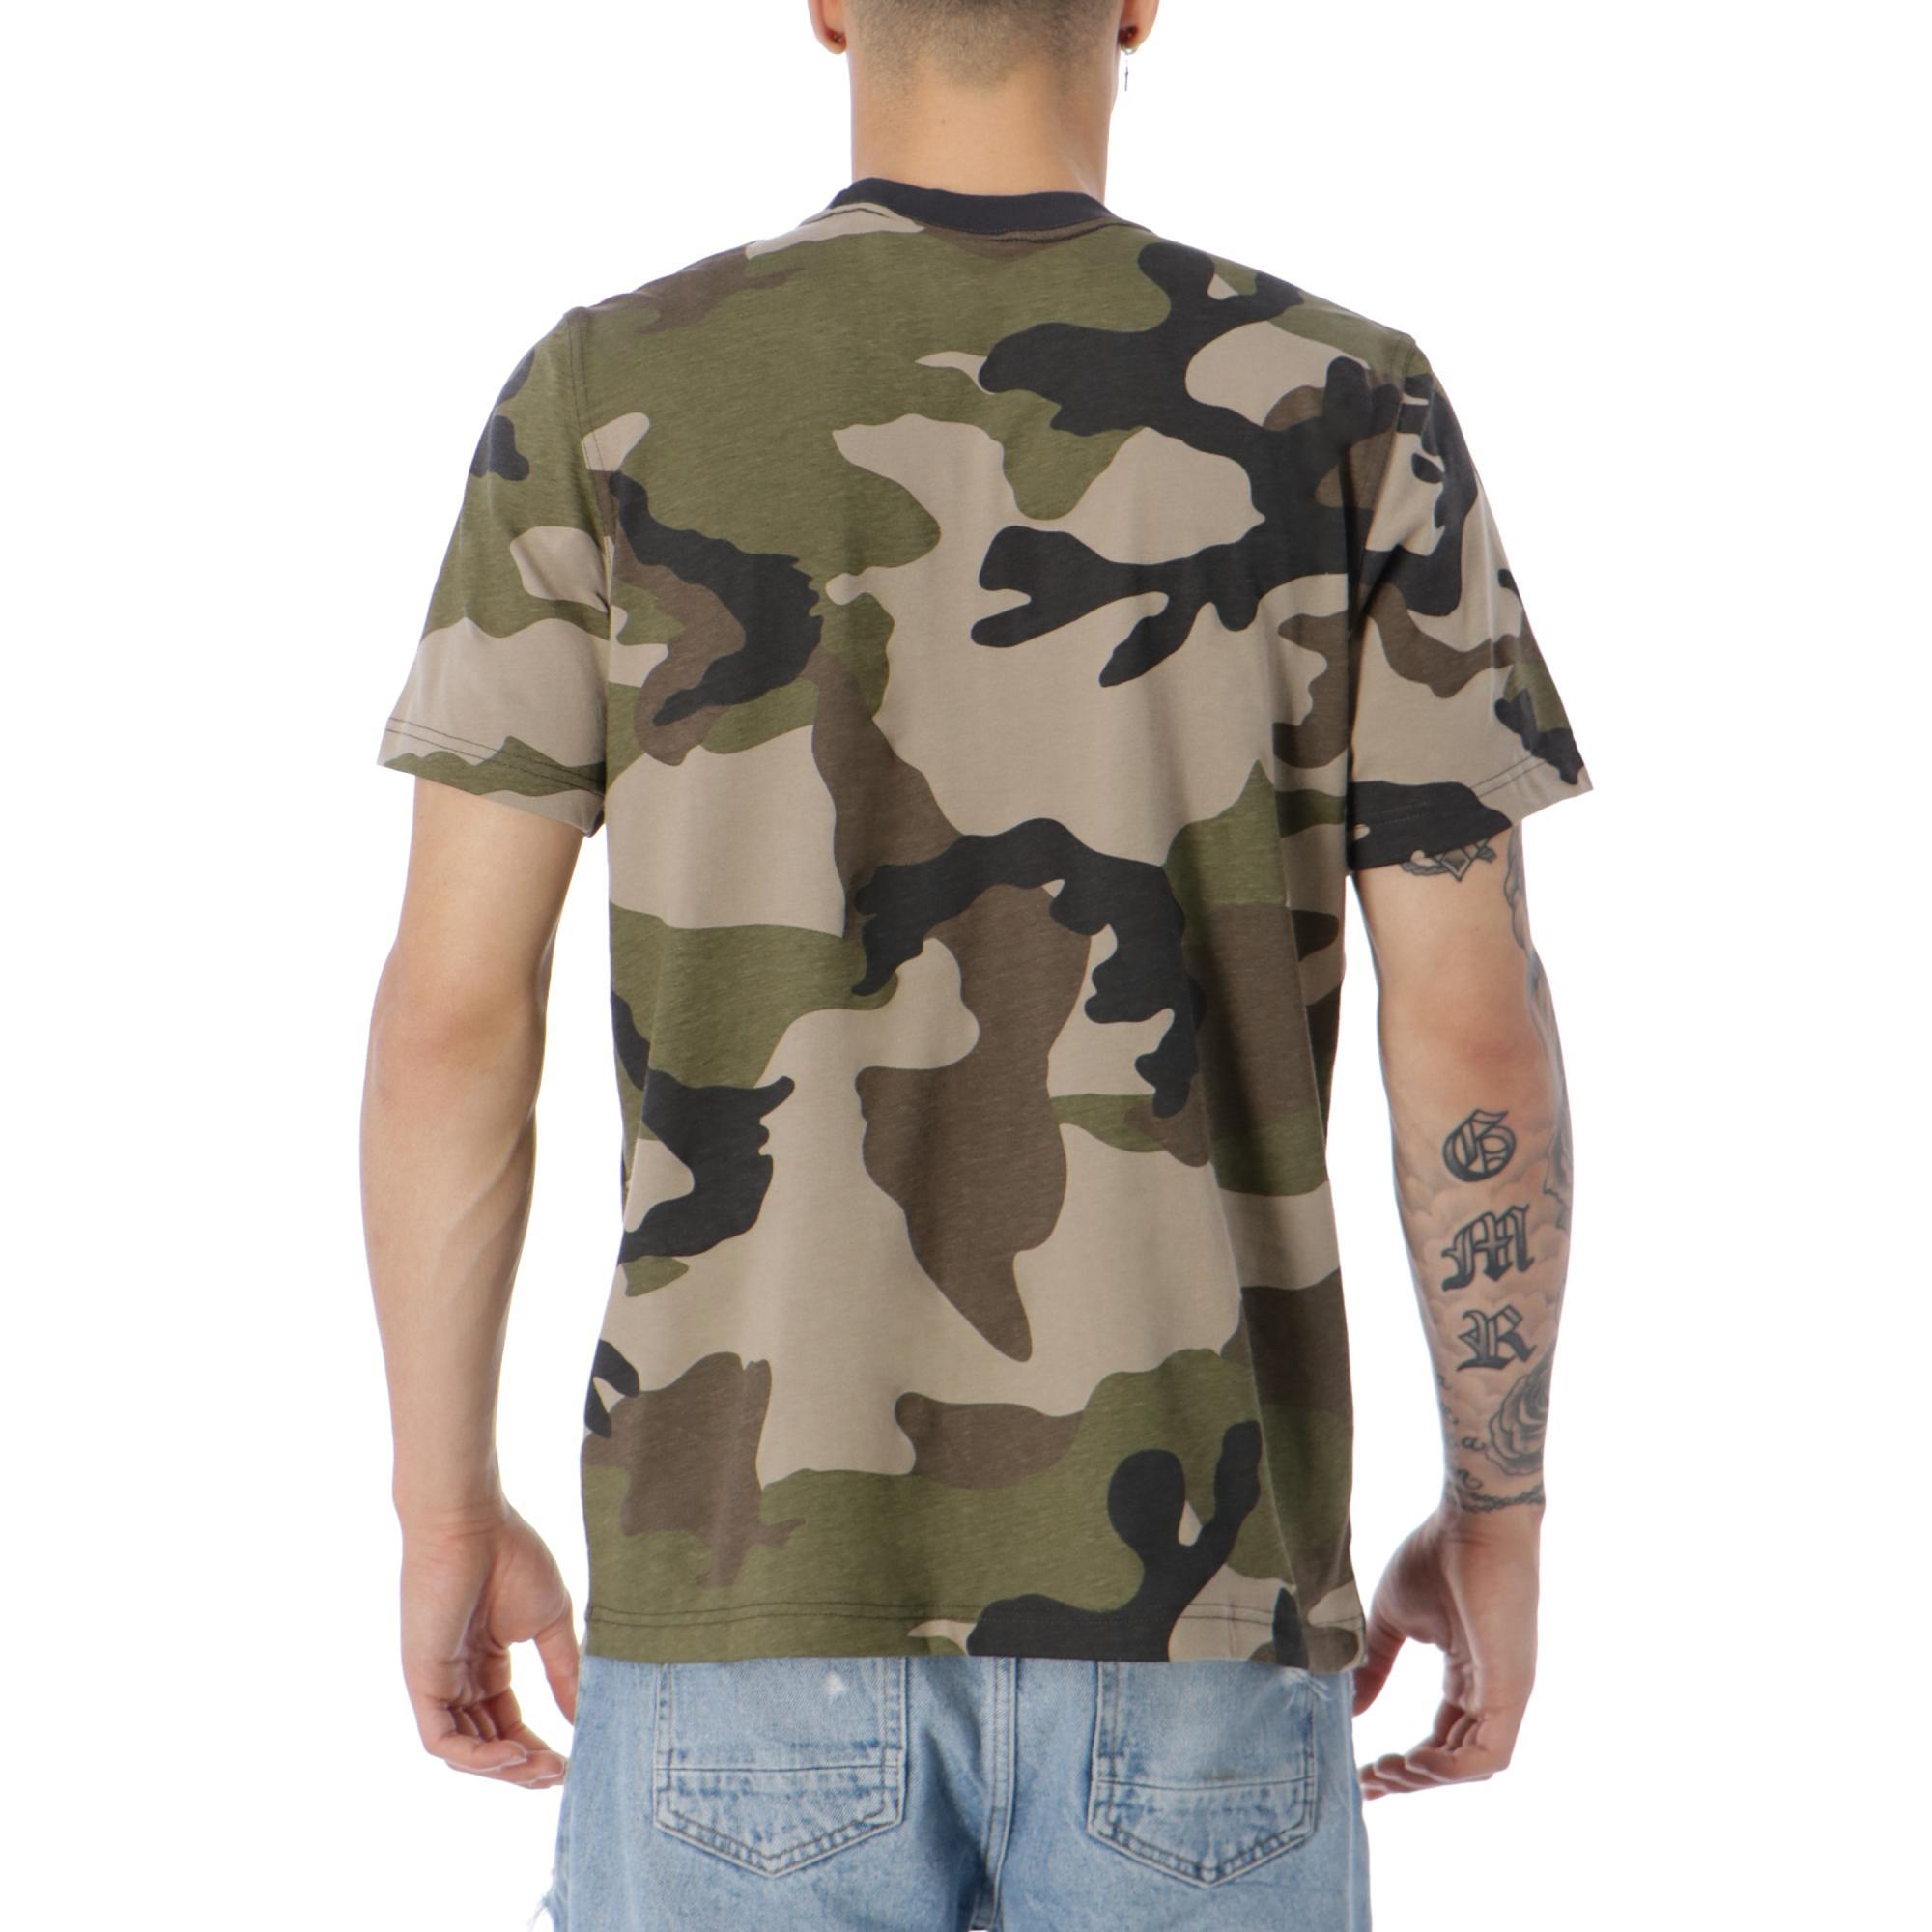 adidas trefoil camo t shirt